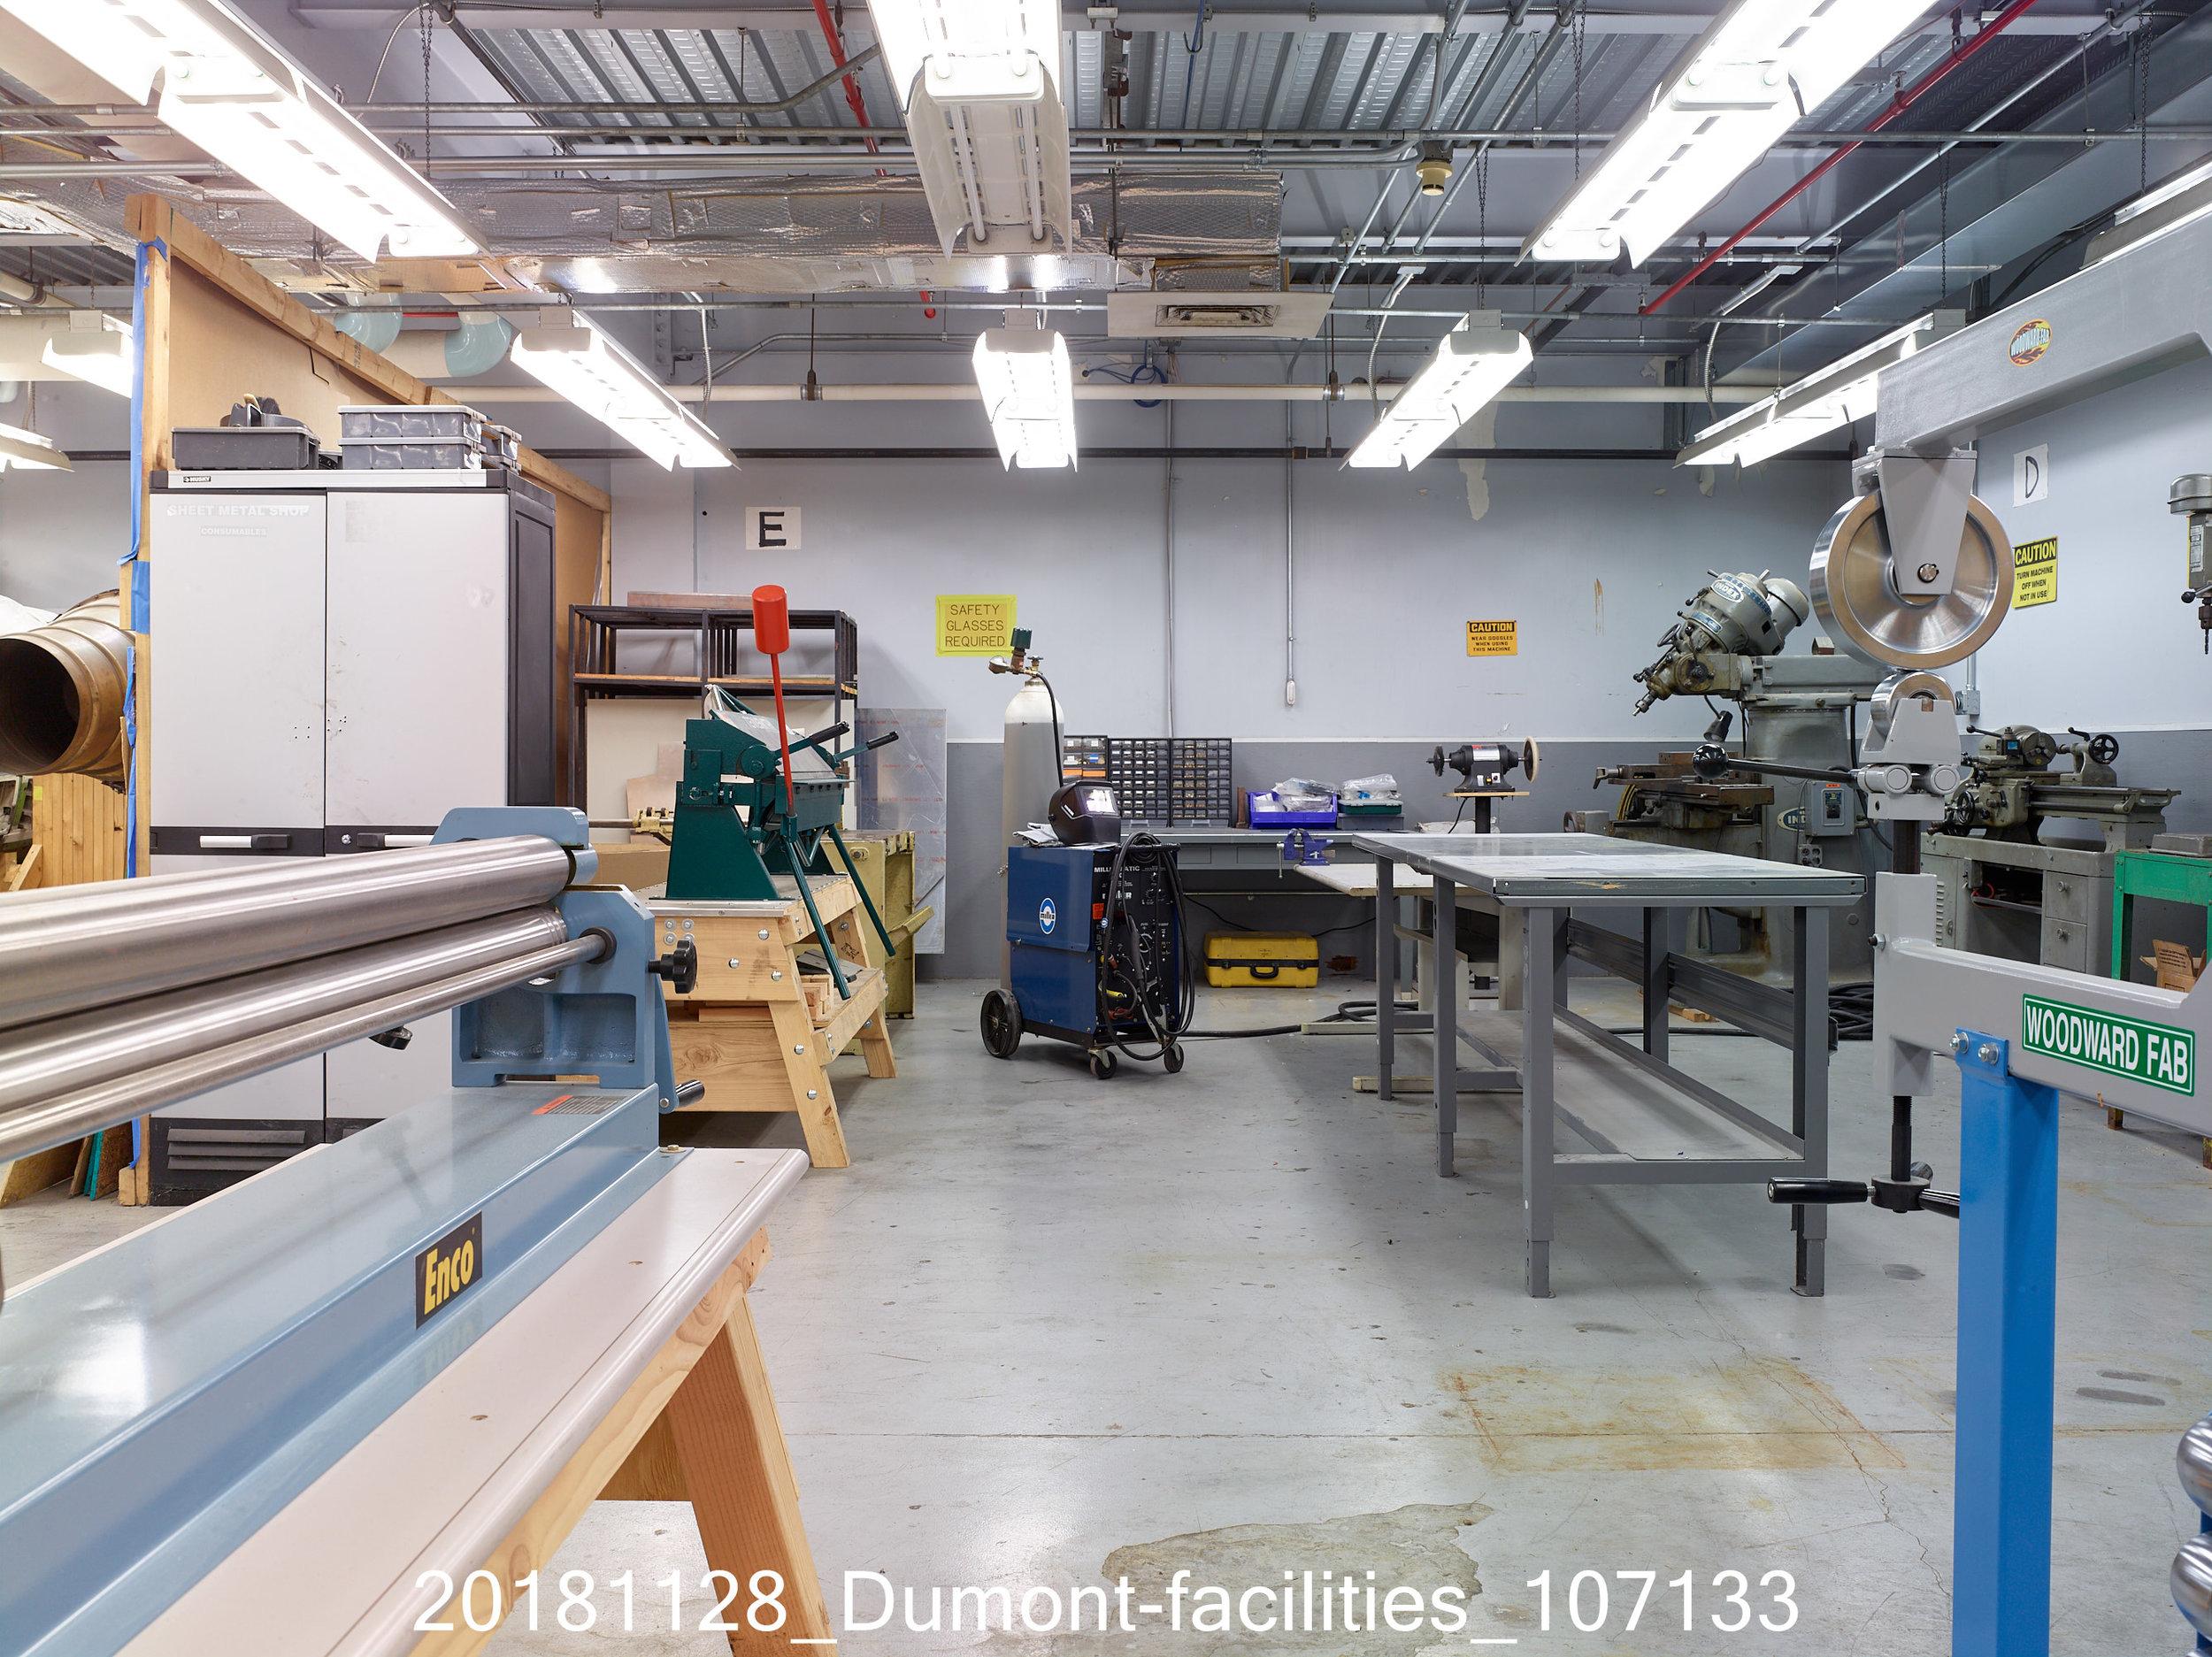 20181128_Dumont-facilities_107133.jpg